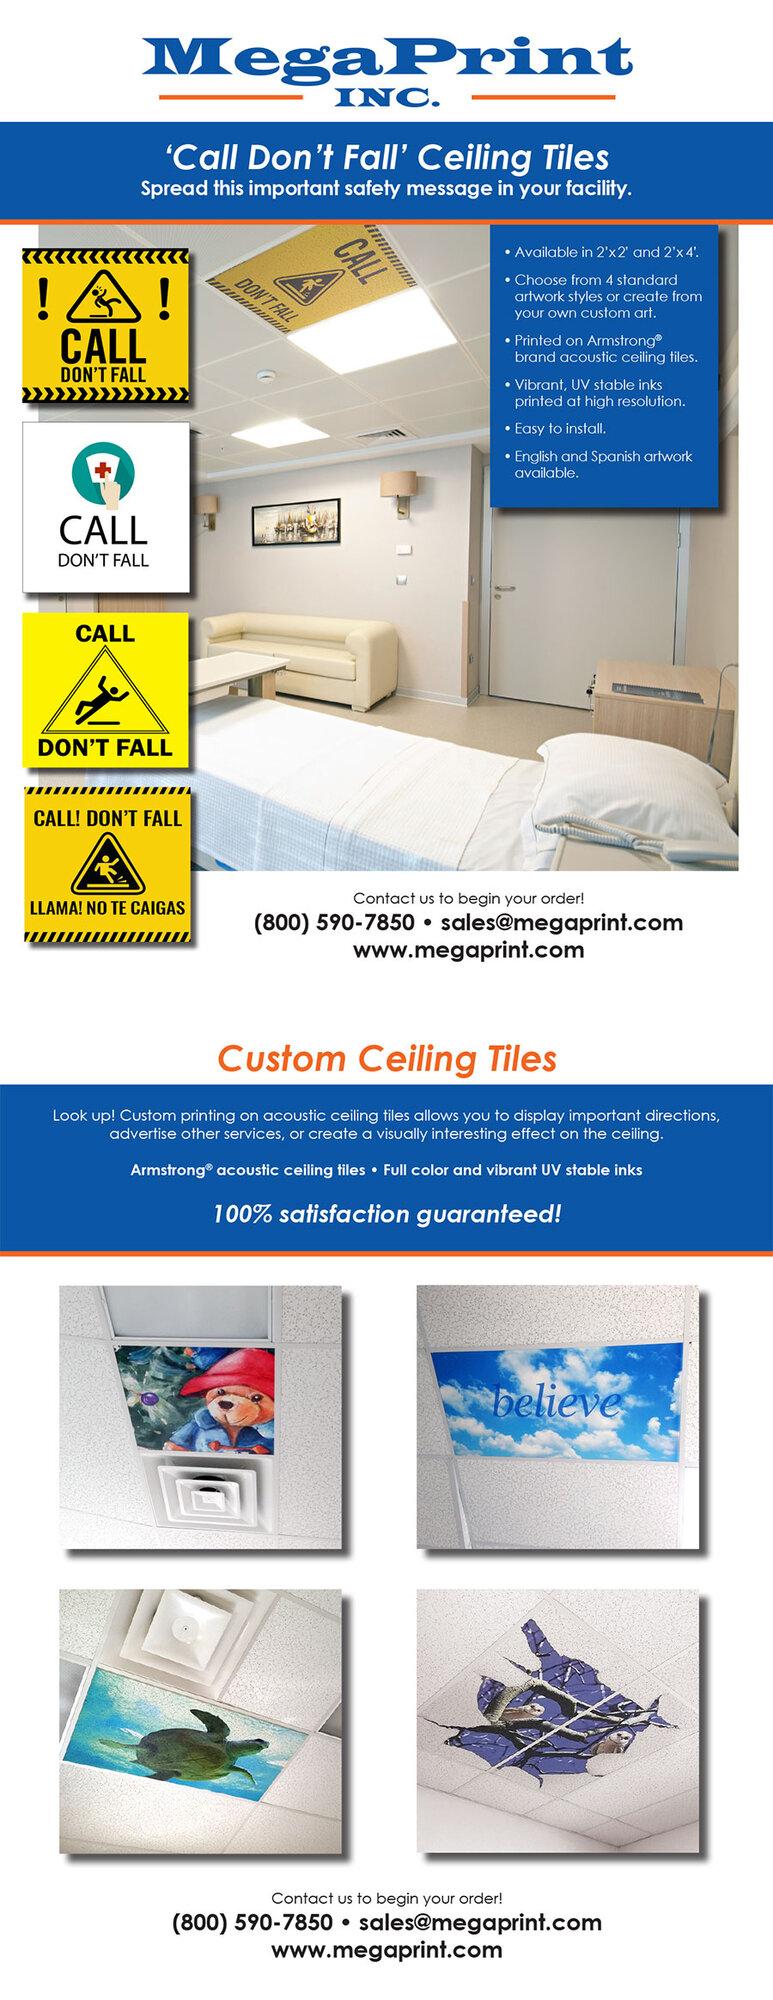 'Call Don't Fall' CeilingTiles